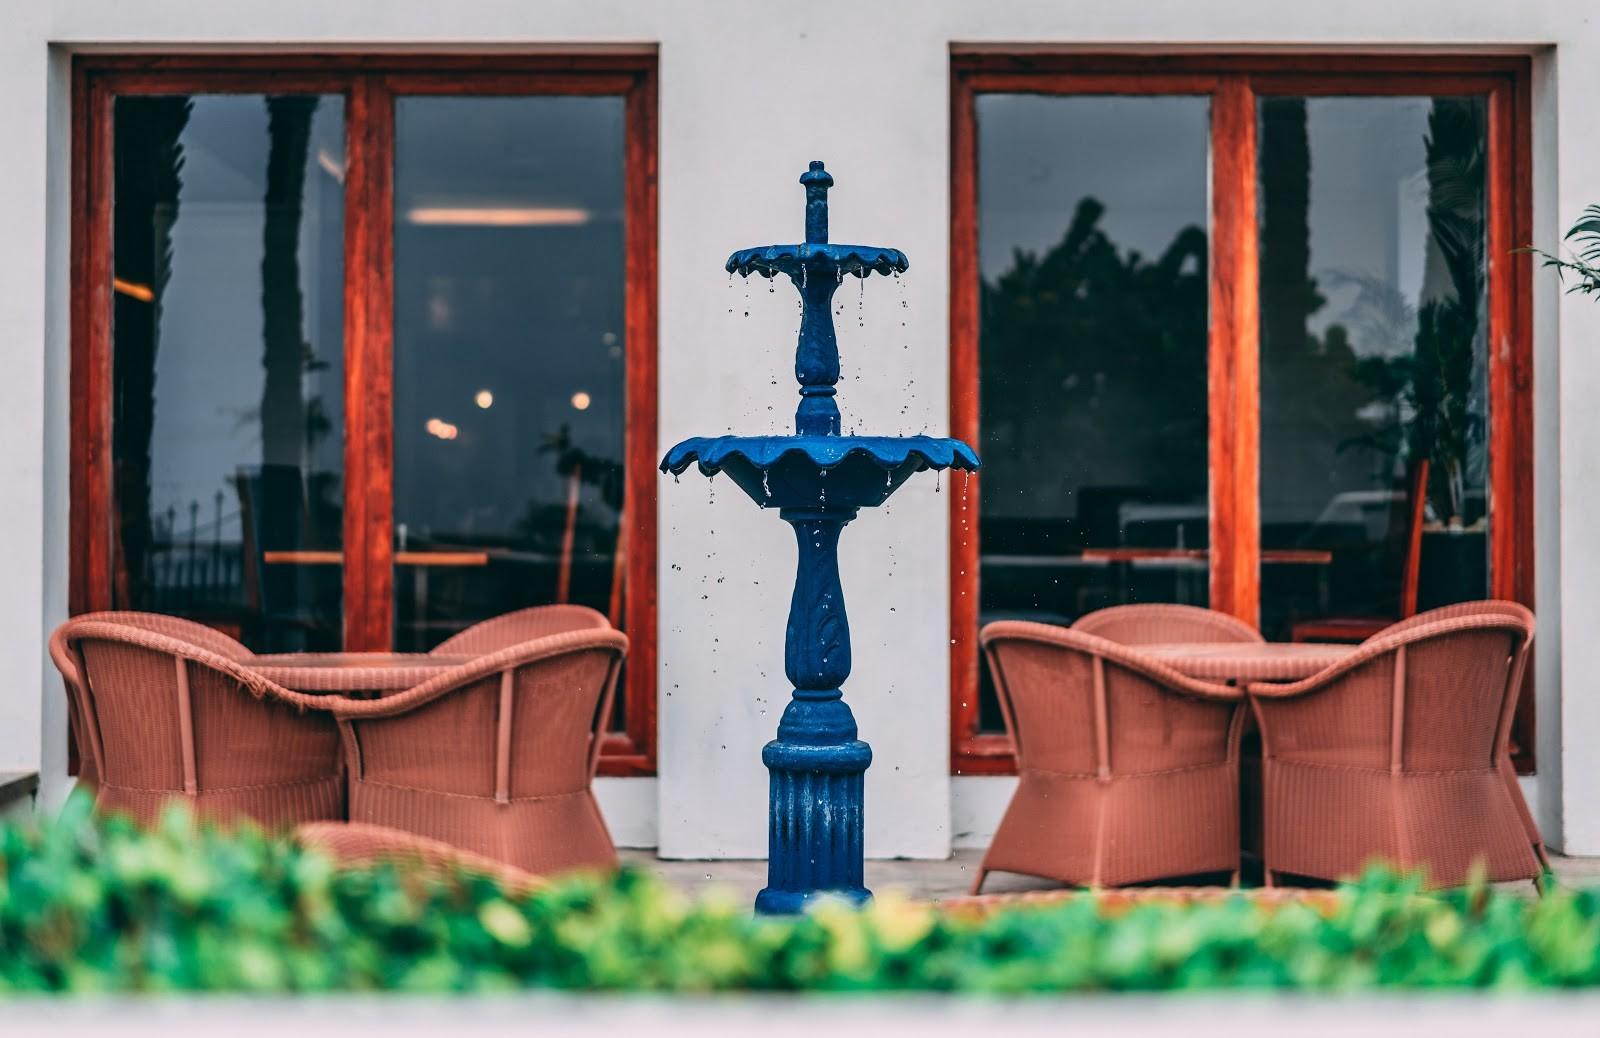 أشكال نافورات منزلية بسيطة - نافورة مياه بسيطة تصلح للمساحات الداخلية والخارجية للمنازل،